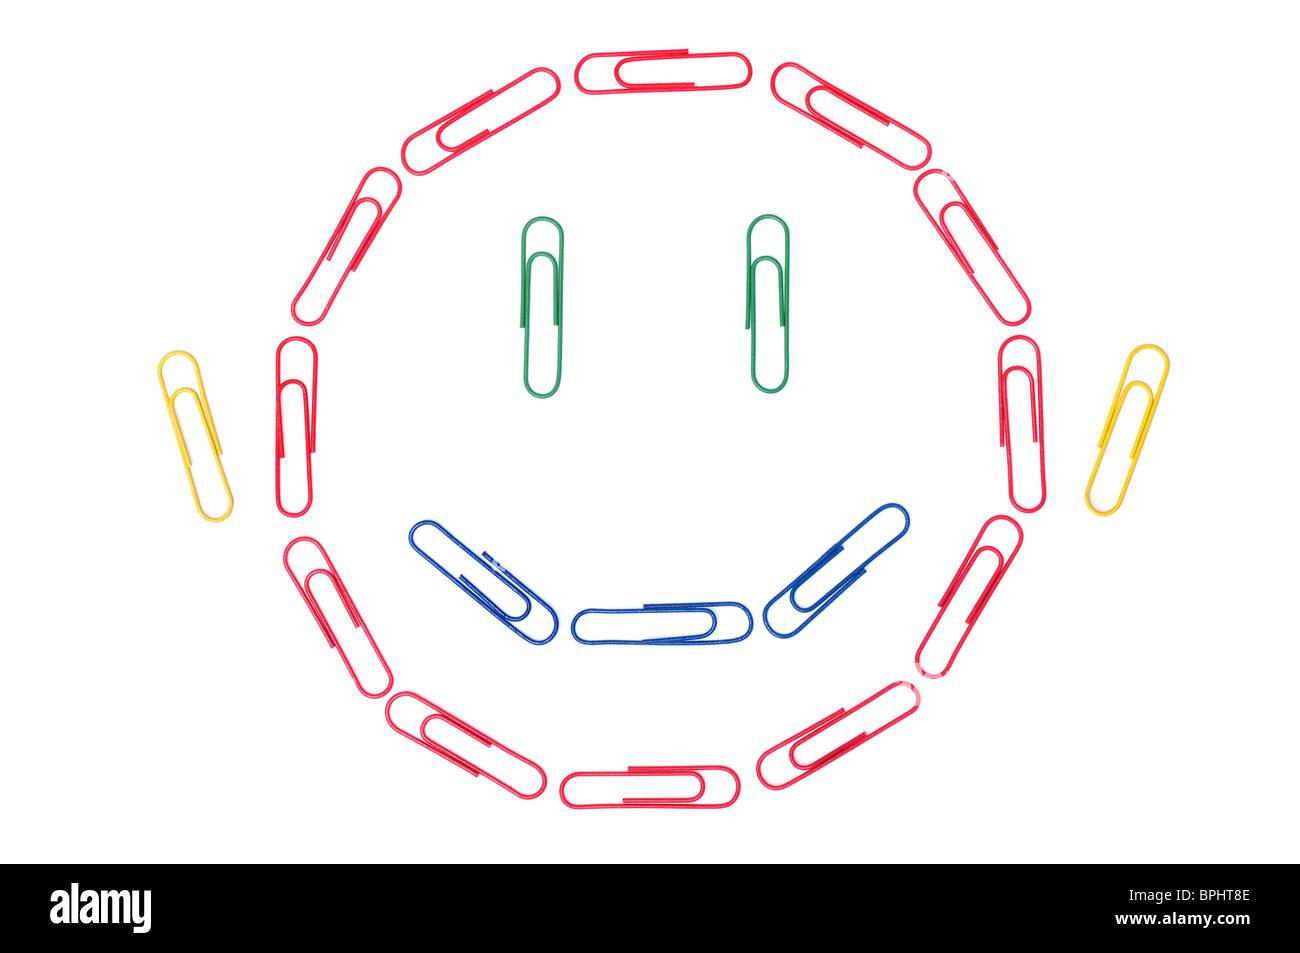 Office smiley - smiling face composé de trombones. Banque D'Images